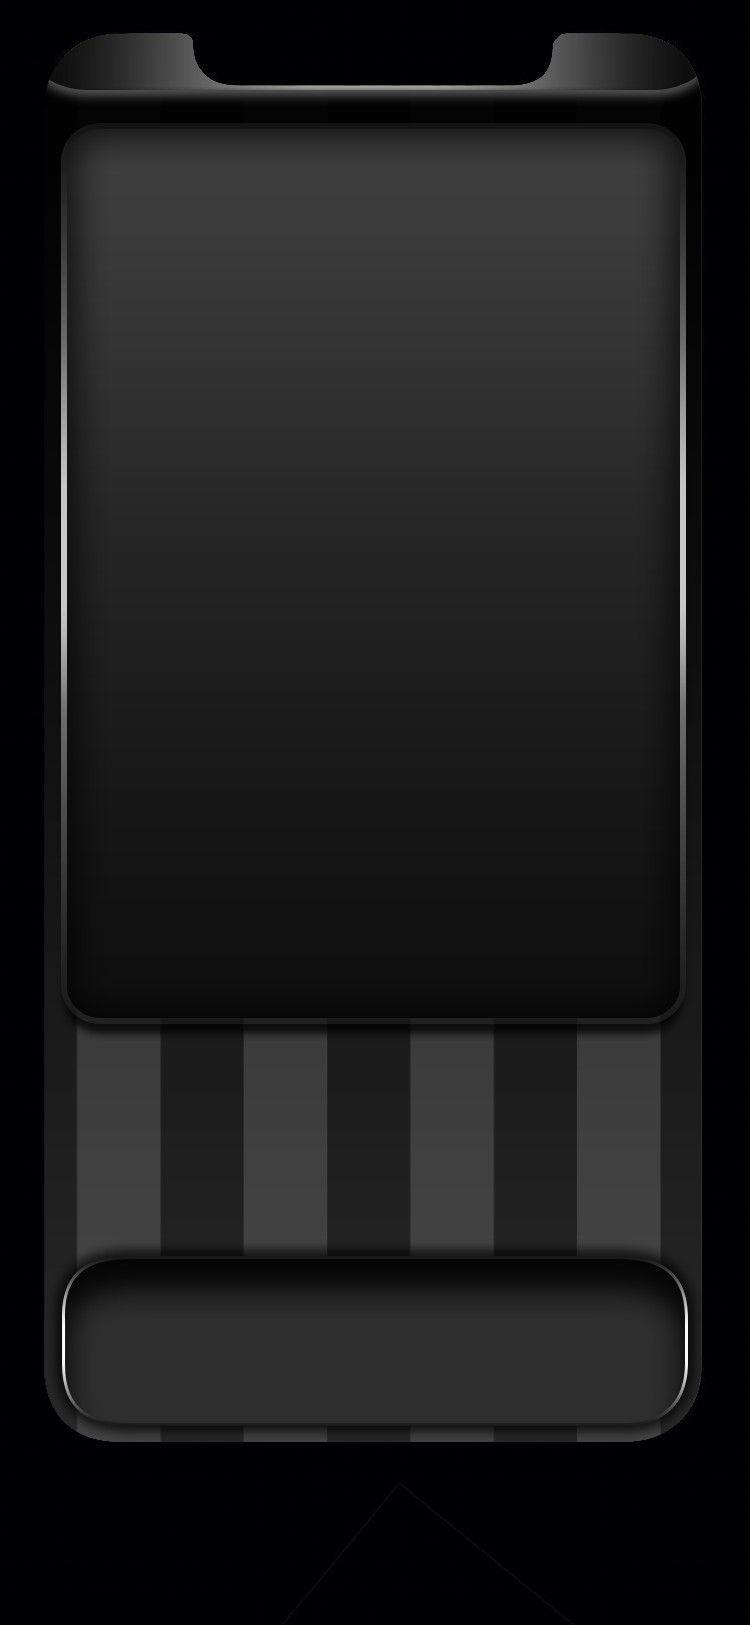 Iphone X Xr Xs Xs Max Wallpaper Ios 13 Dark Mode Ios13wallpaper Dark Black Wallpaper For Ios 13 Dark Mode I Telefon Duvar Kagitlari Iphone Duvar Kagitlari Liverpool fc iphone xs max wallpaper